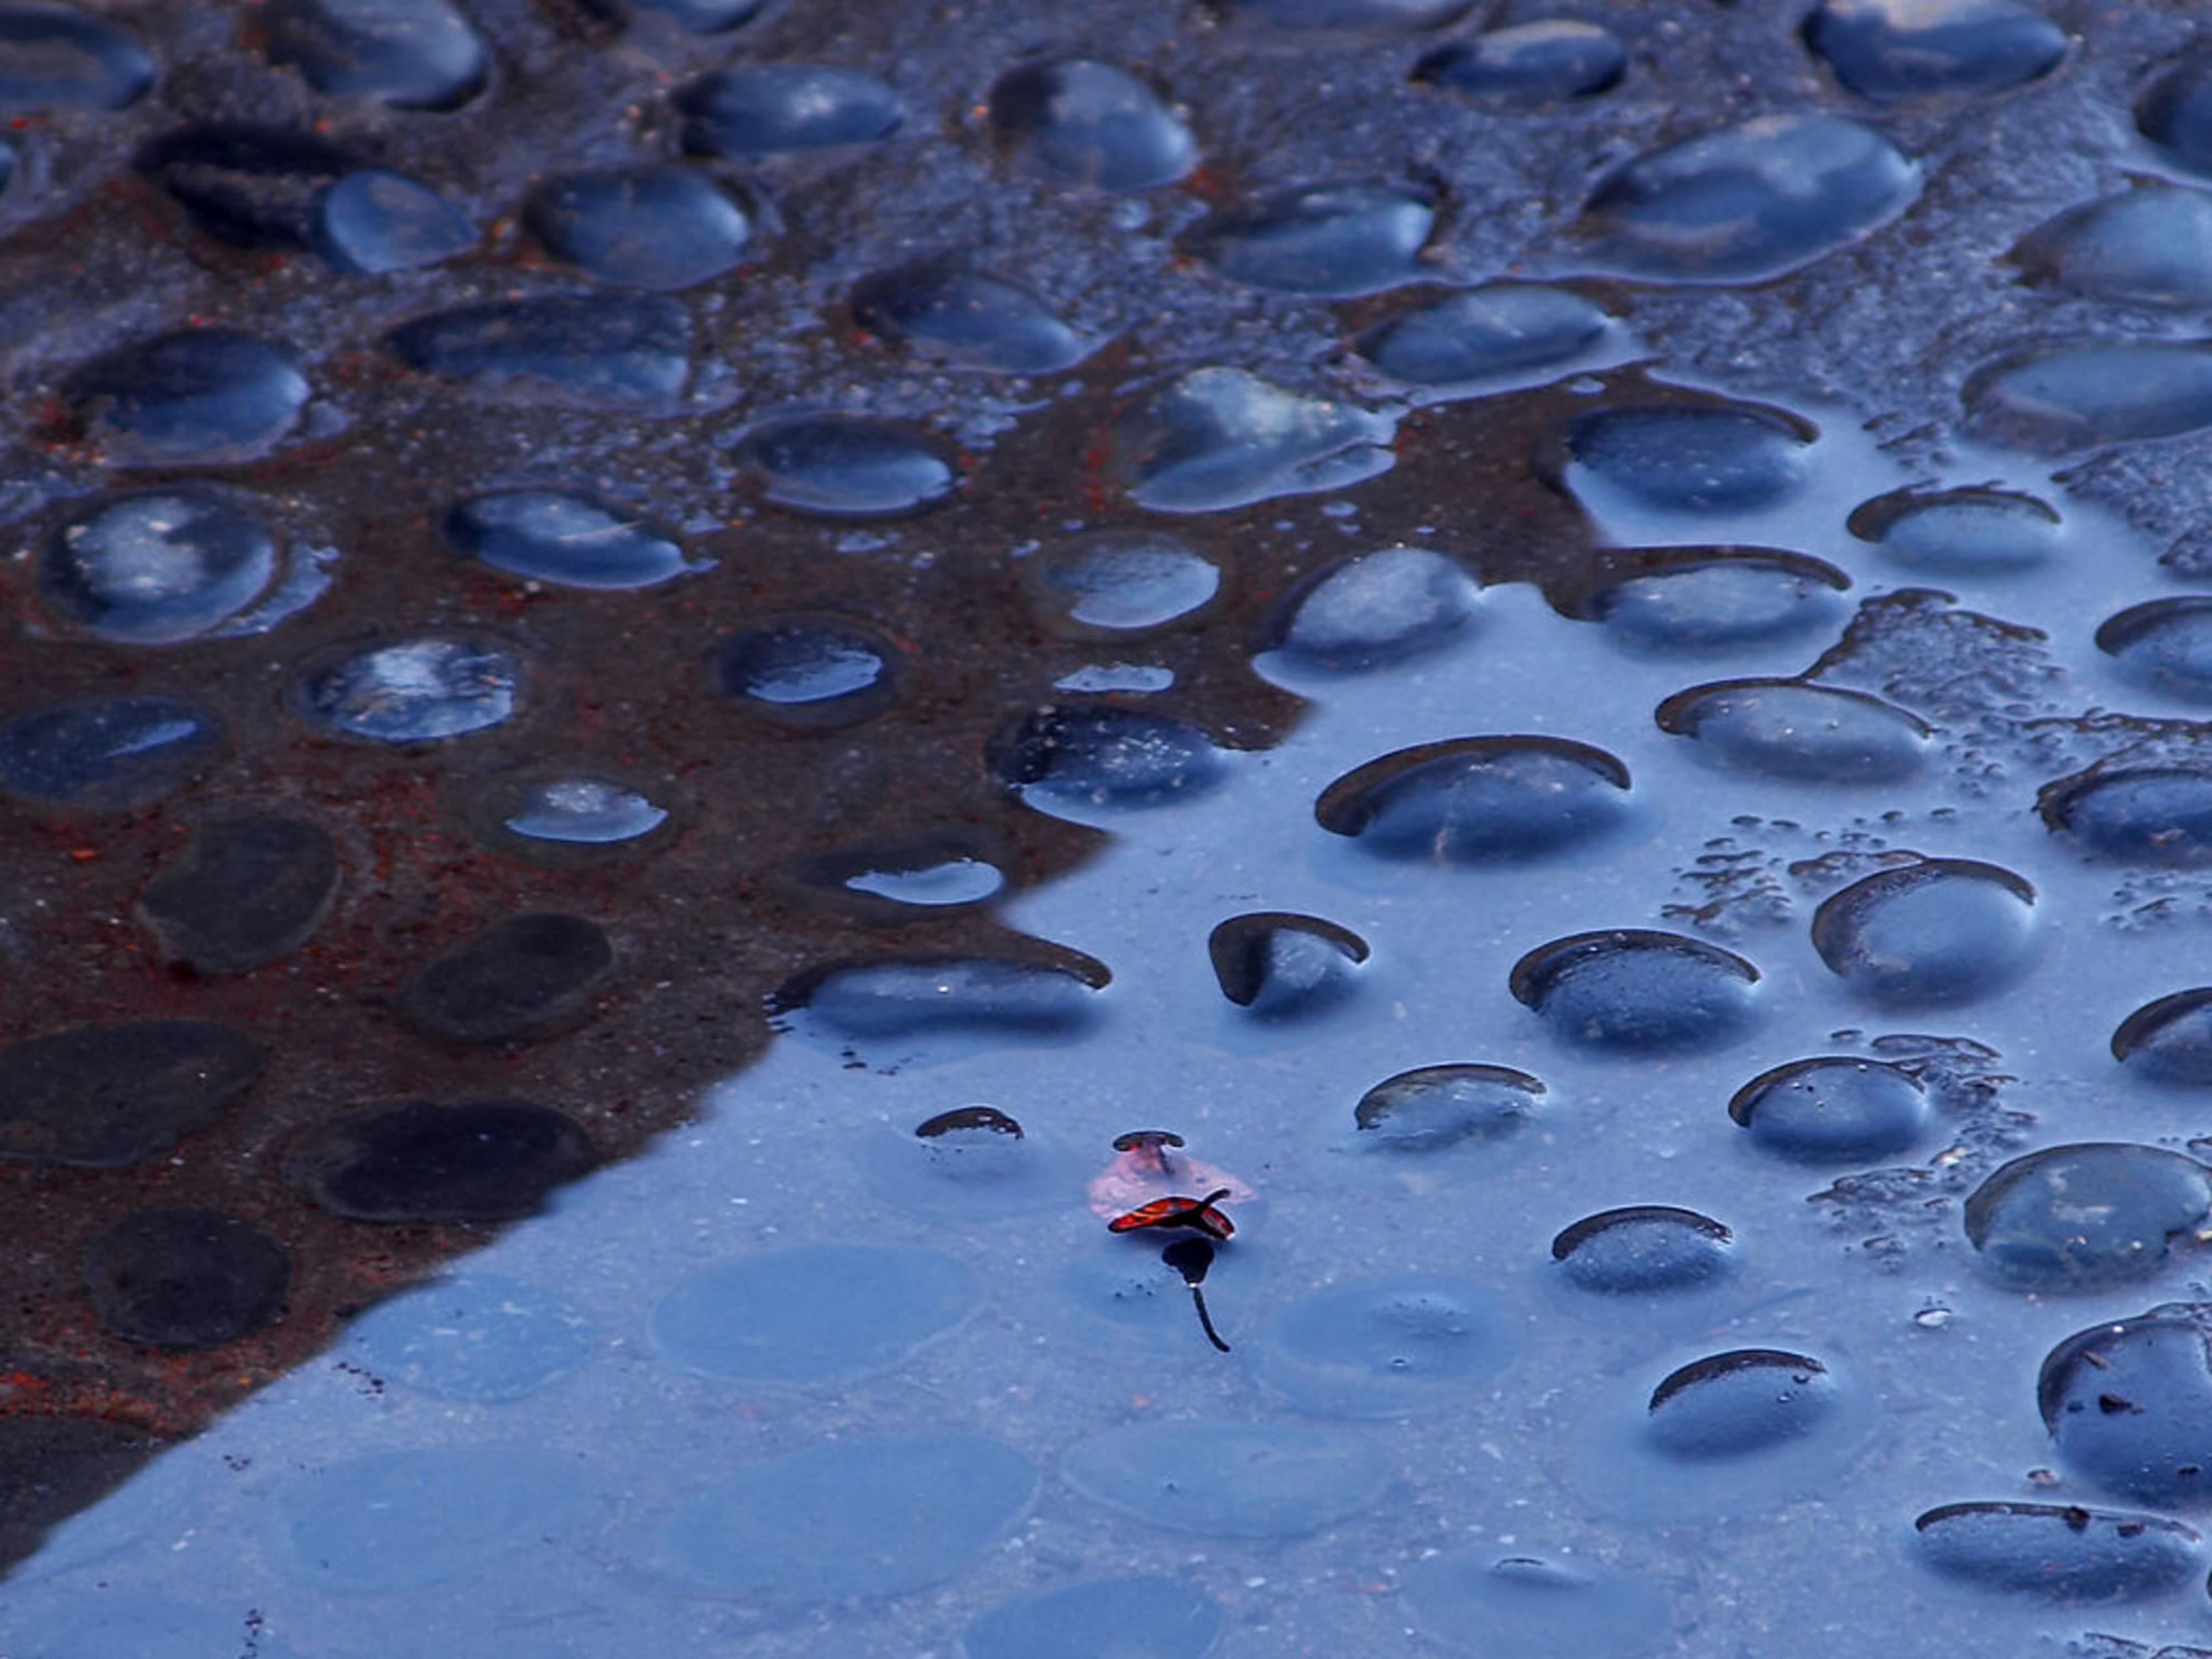 Rain puddle